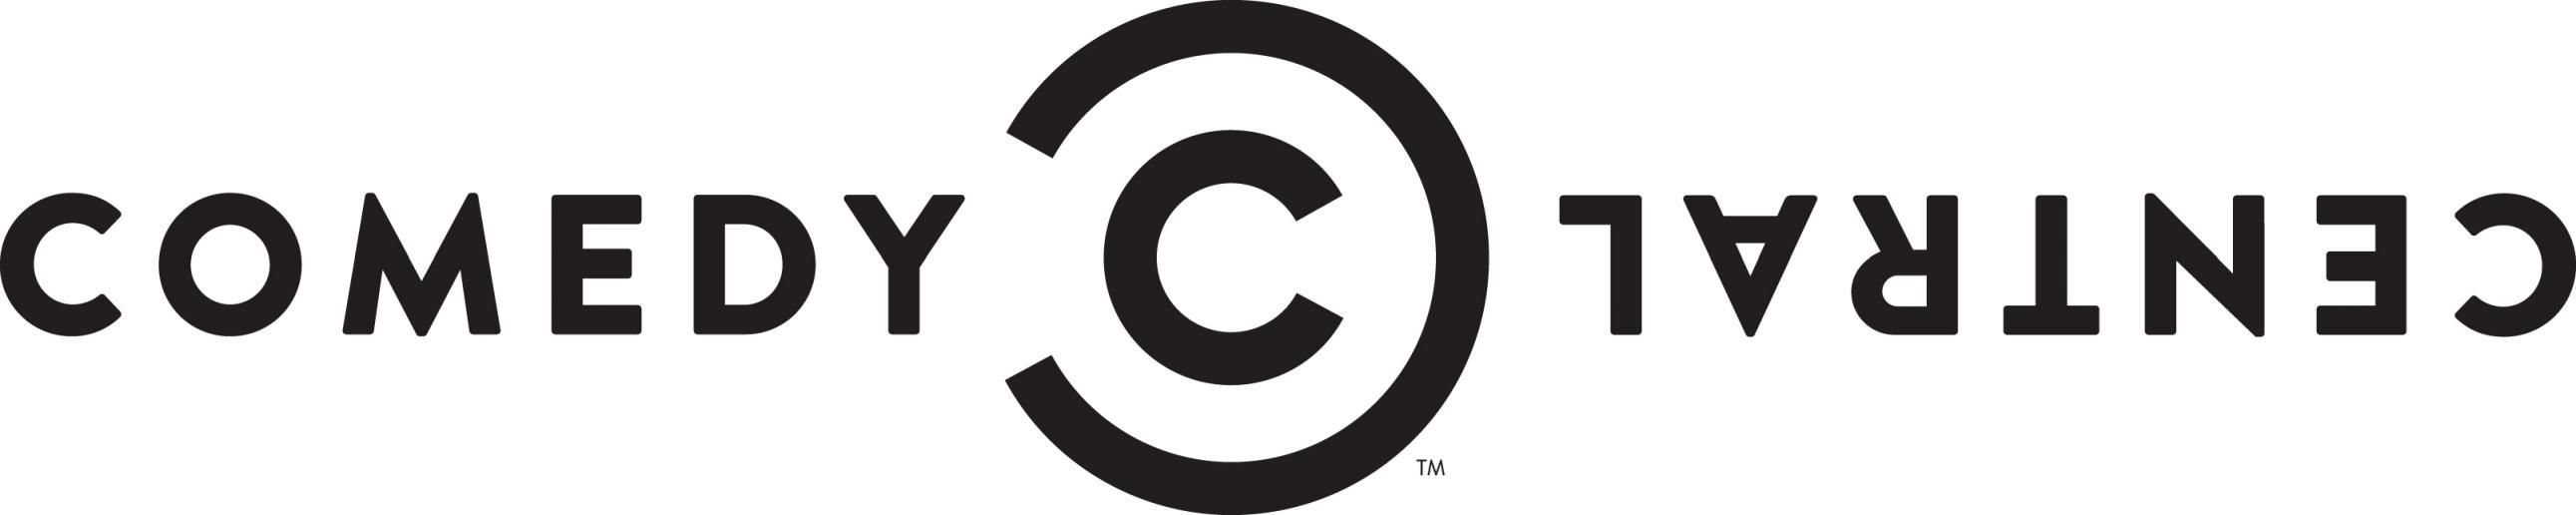 Comedy Central Logo Ai Pdf Comedy Central Comedy Logo Tv